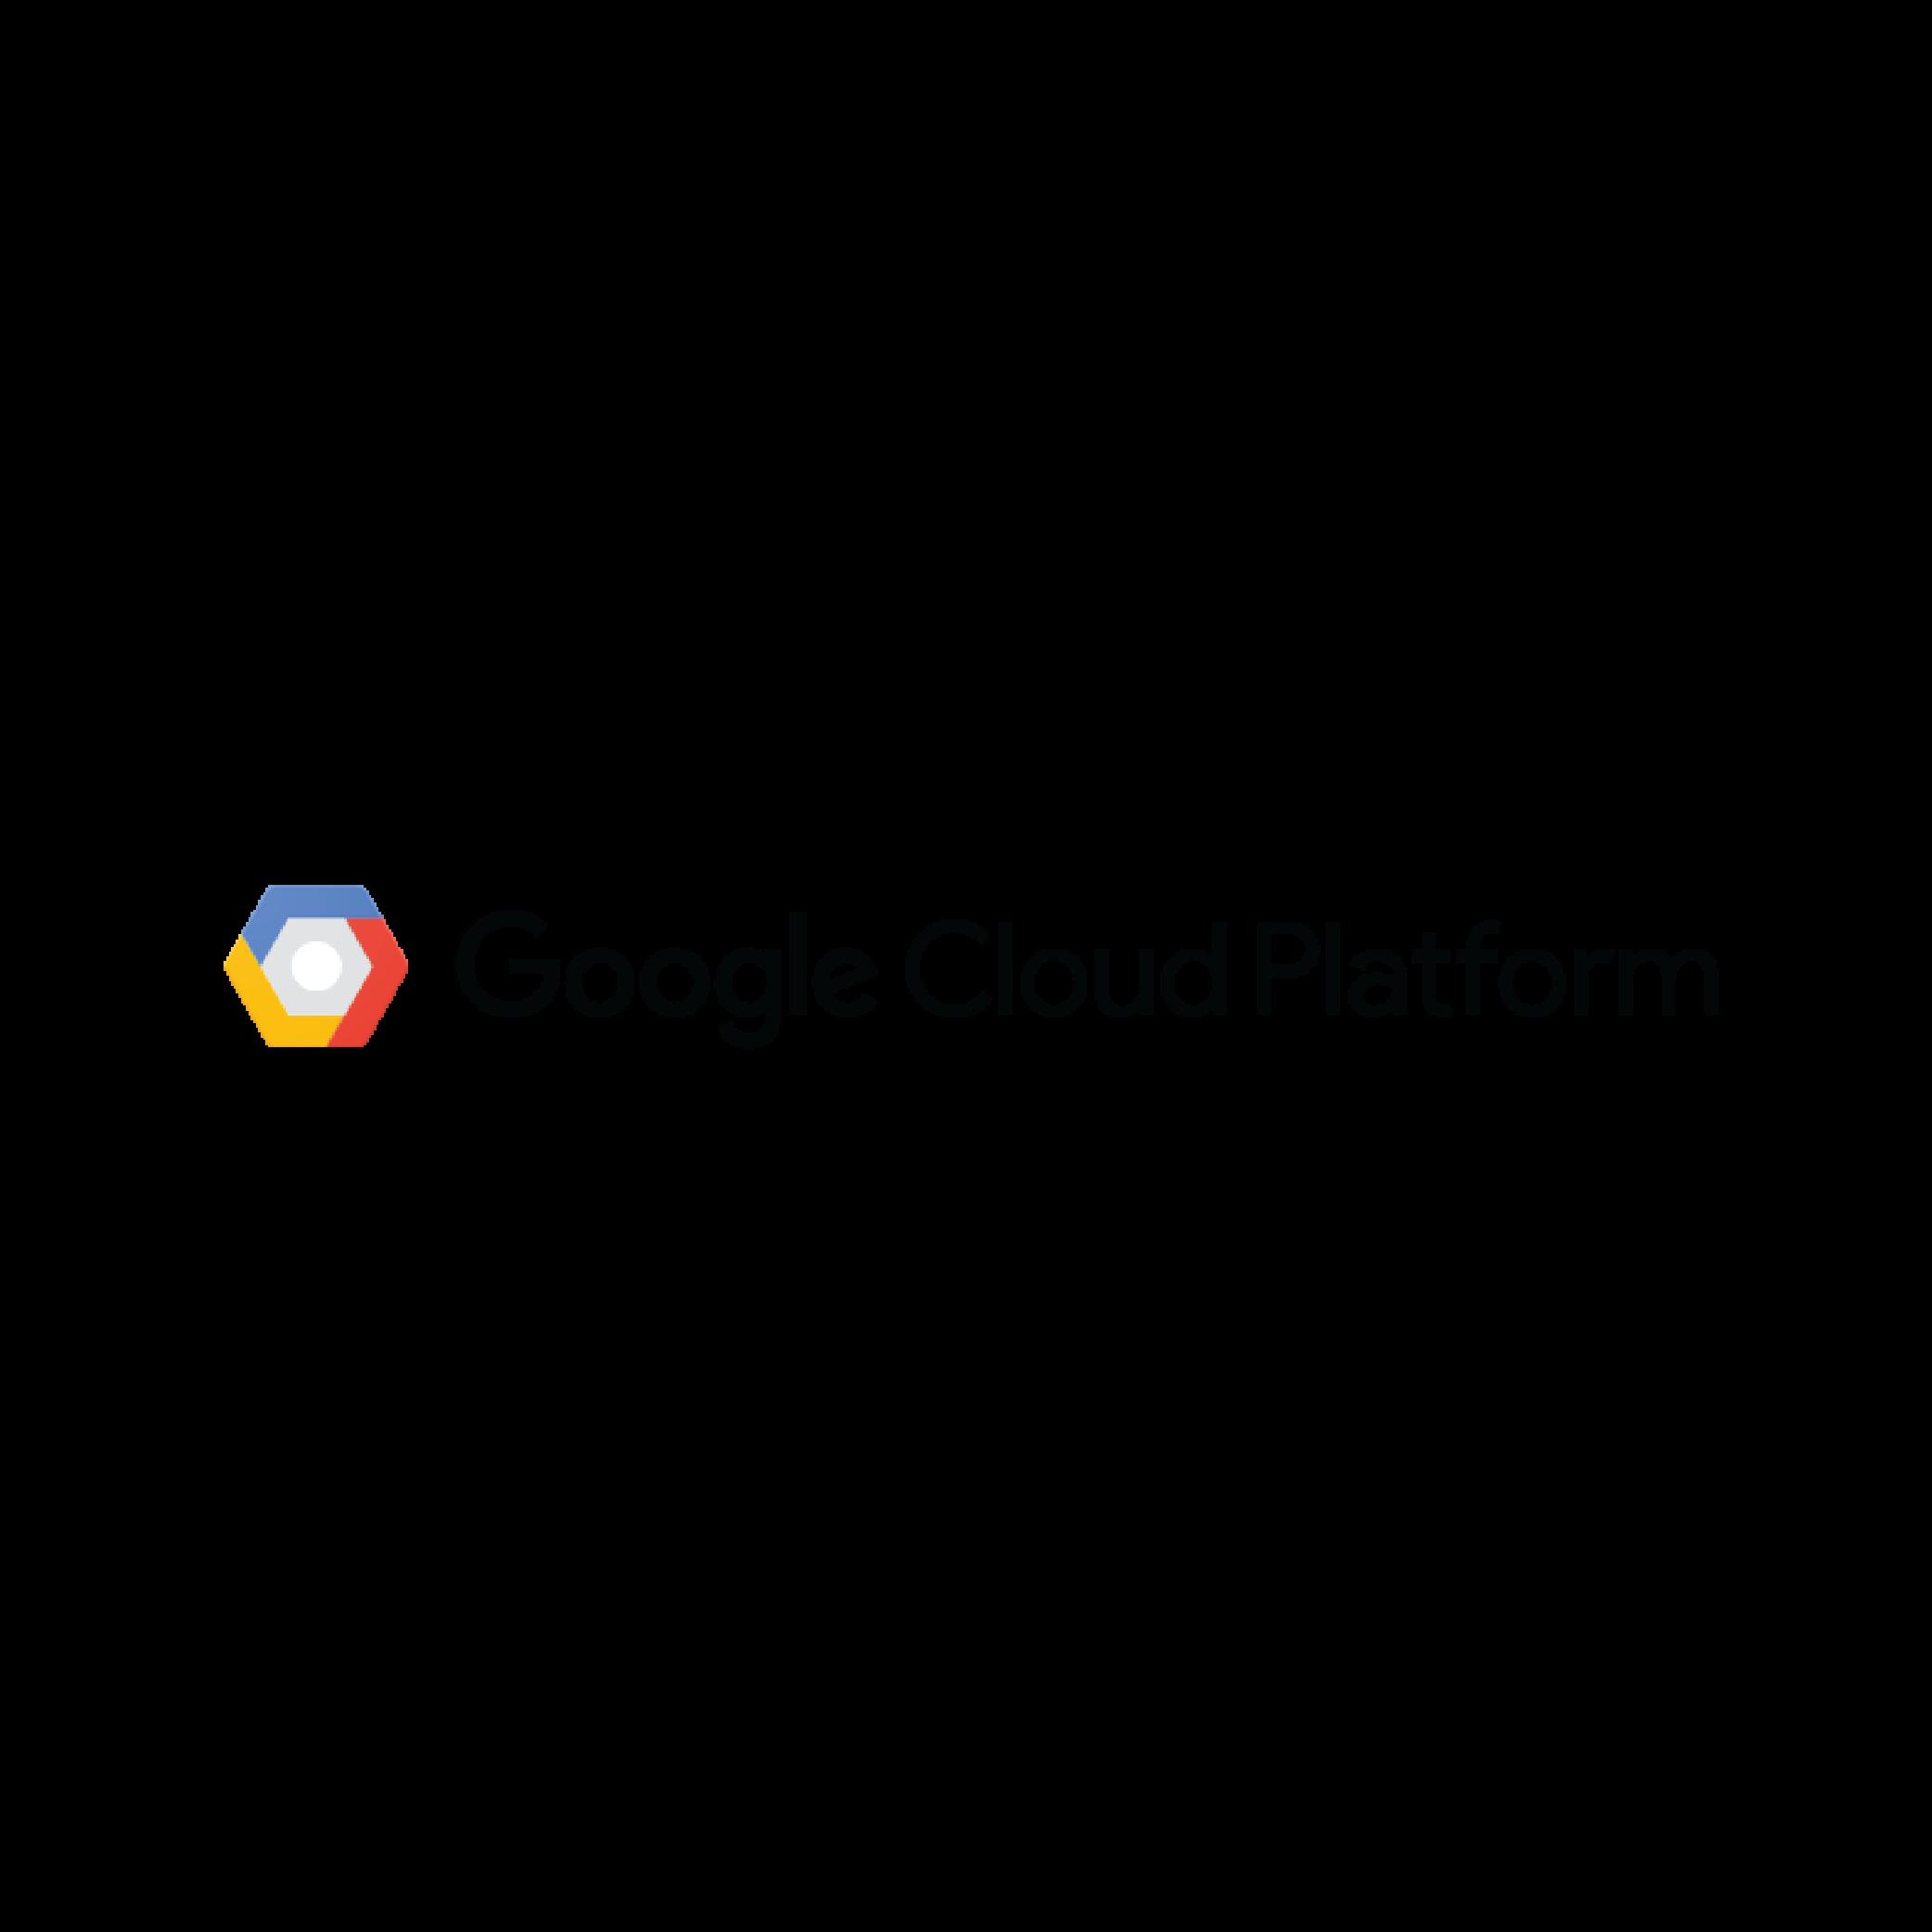 PNG_Logo-04